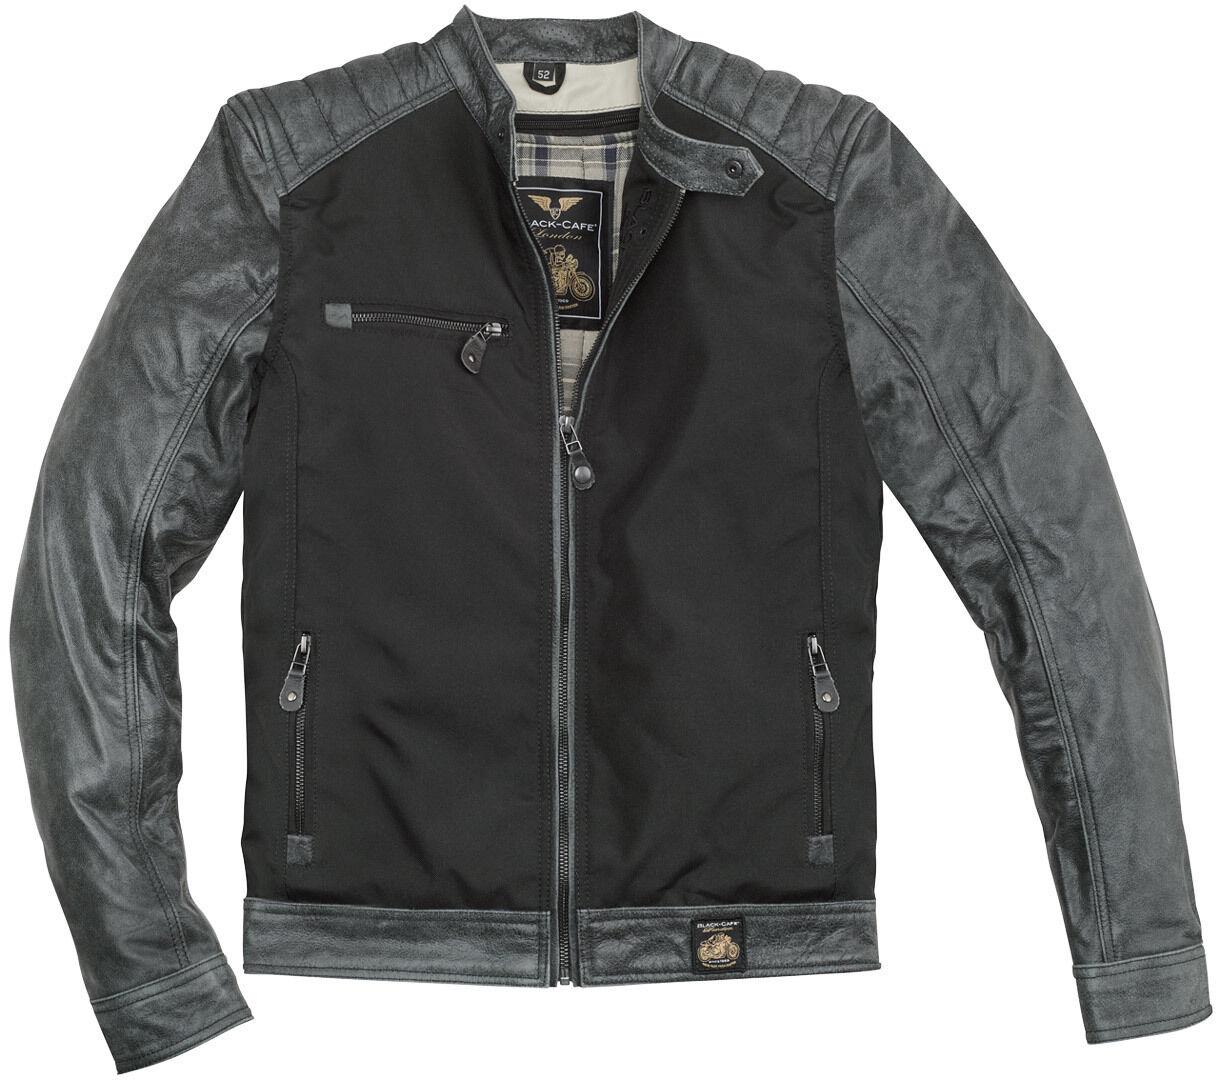 Black-Cafe London Johannesburg Cuir de moto / Veste textile Noir Gris taille : 60